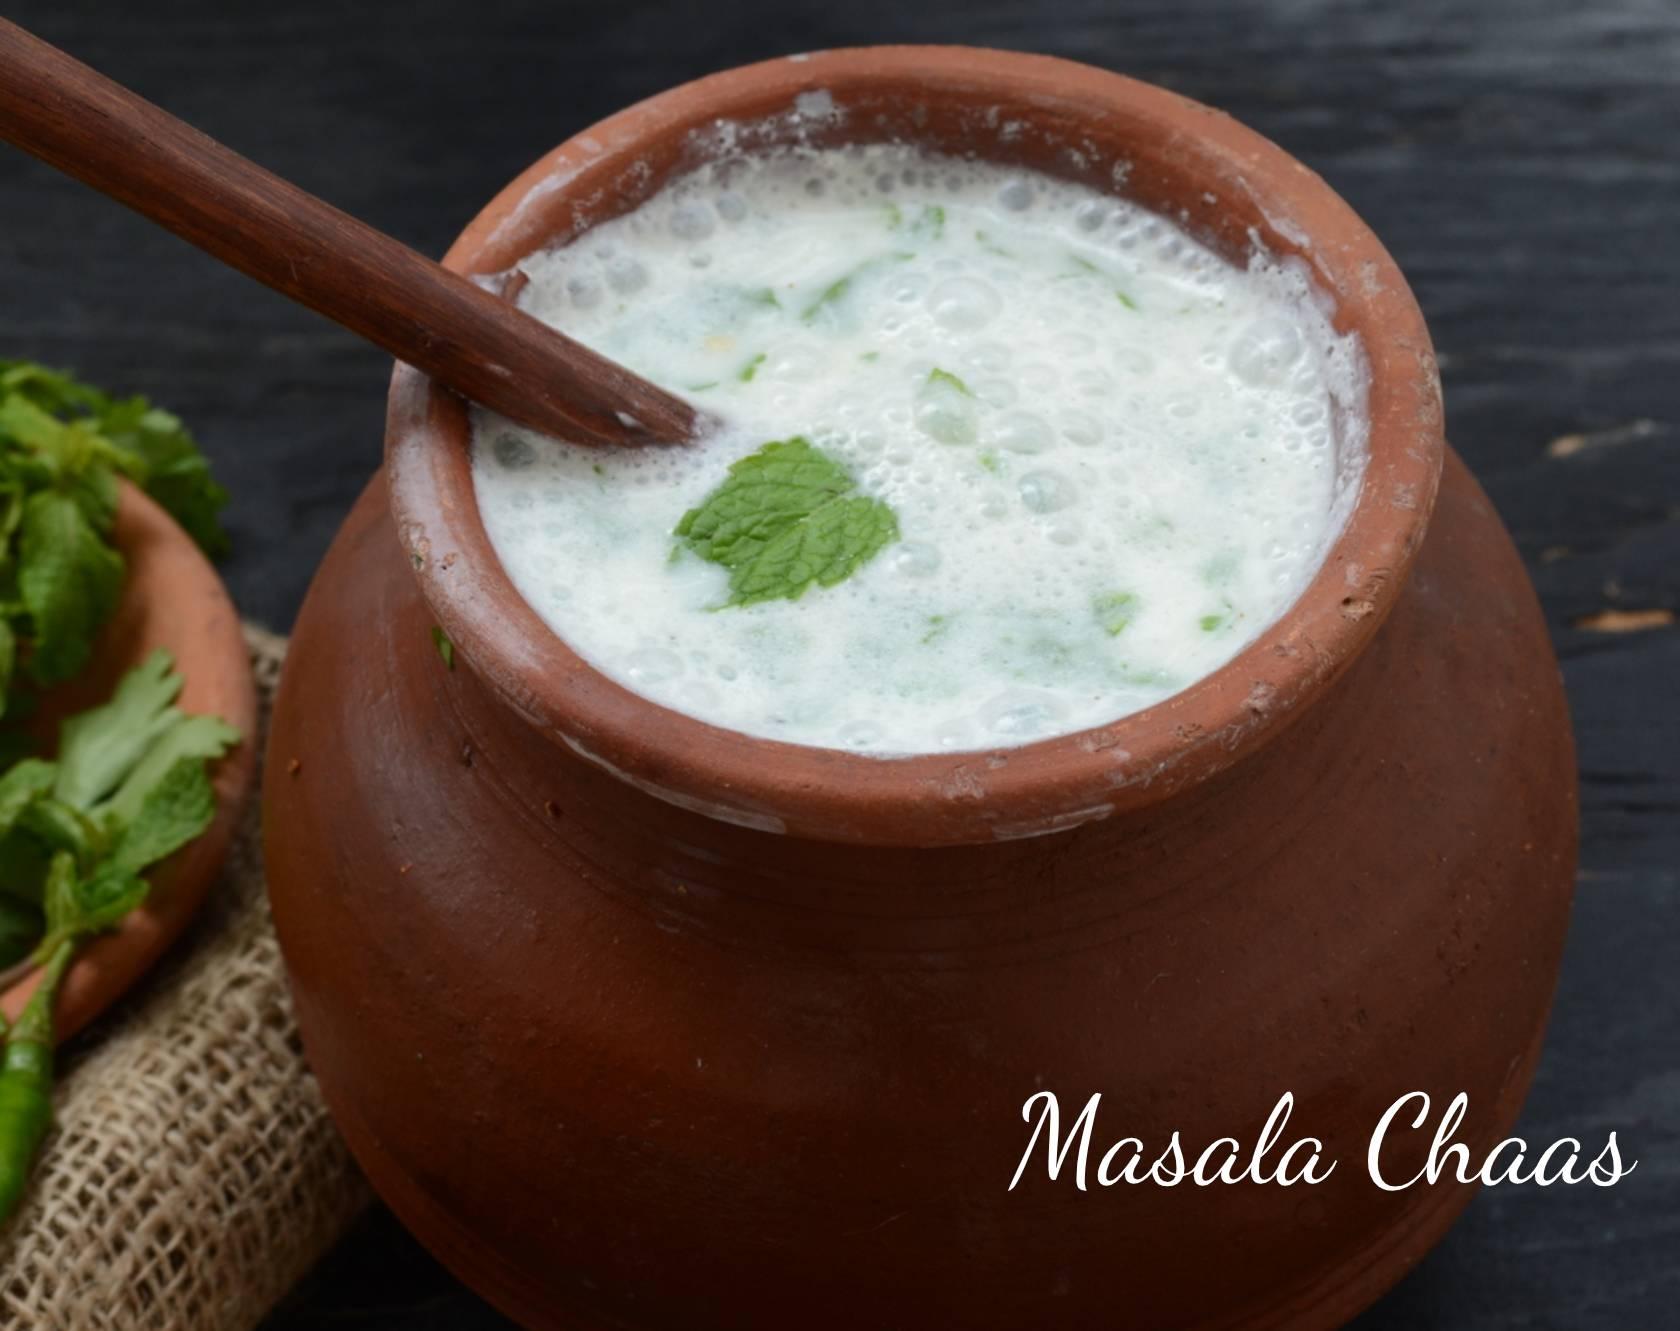 Masala Chass